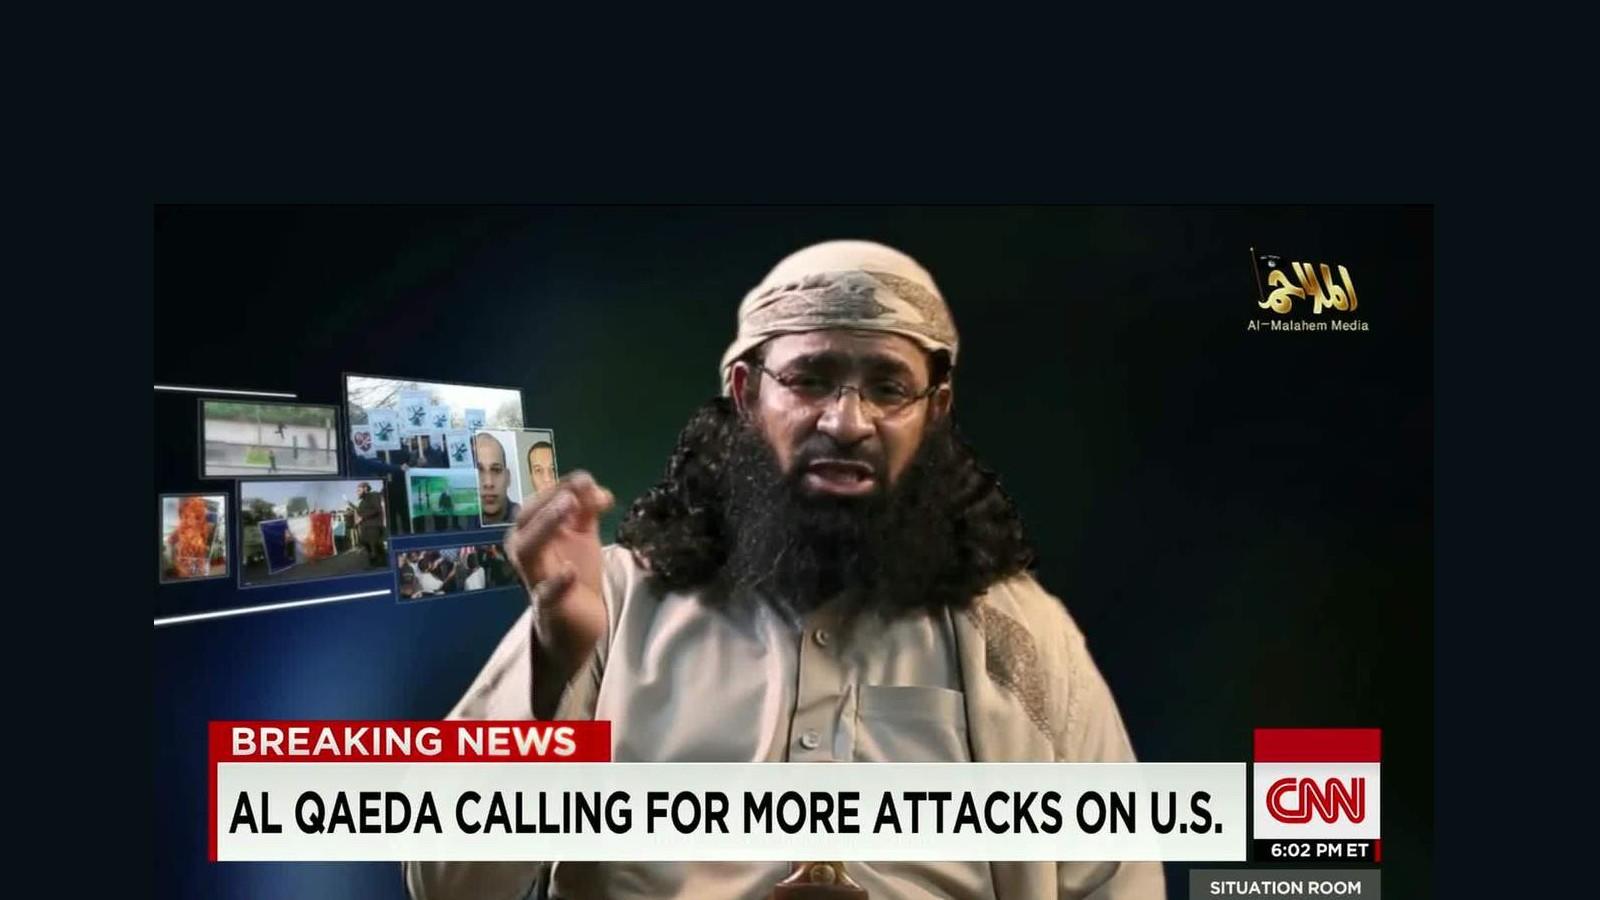 Al Qaeda branch calls for new attacks against U.S. - CNN.com